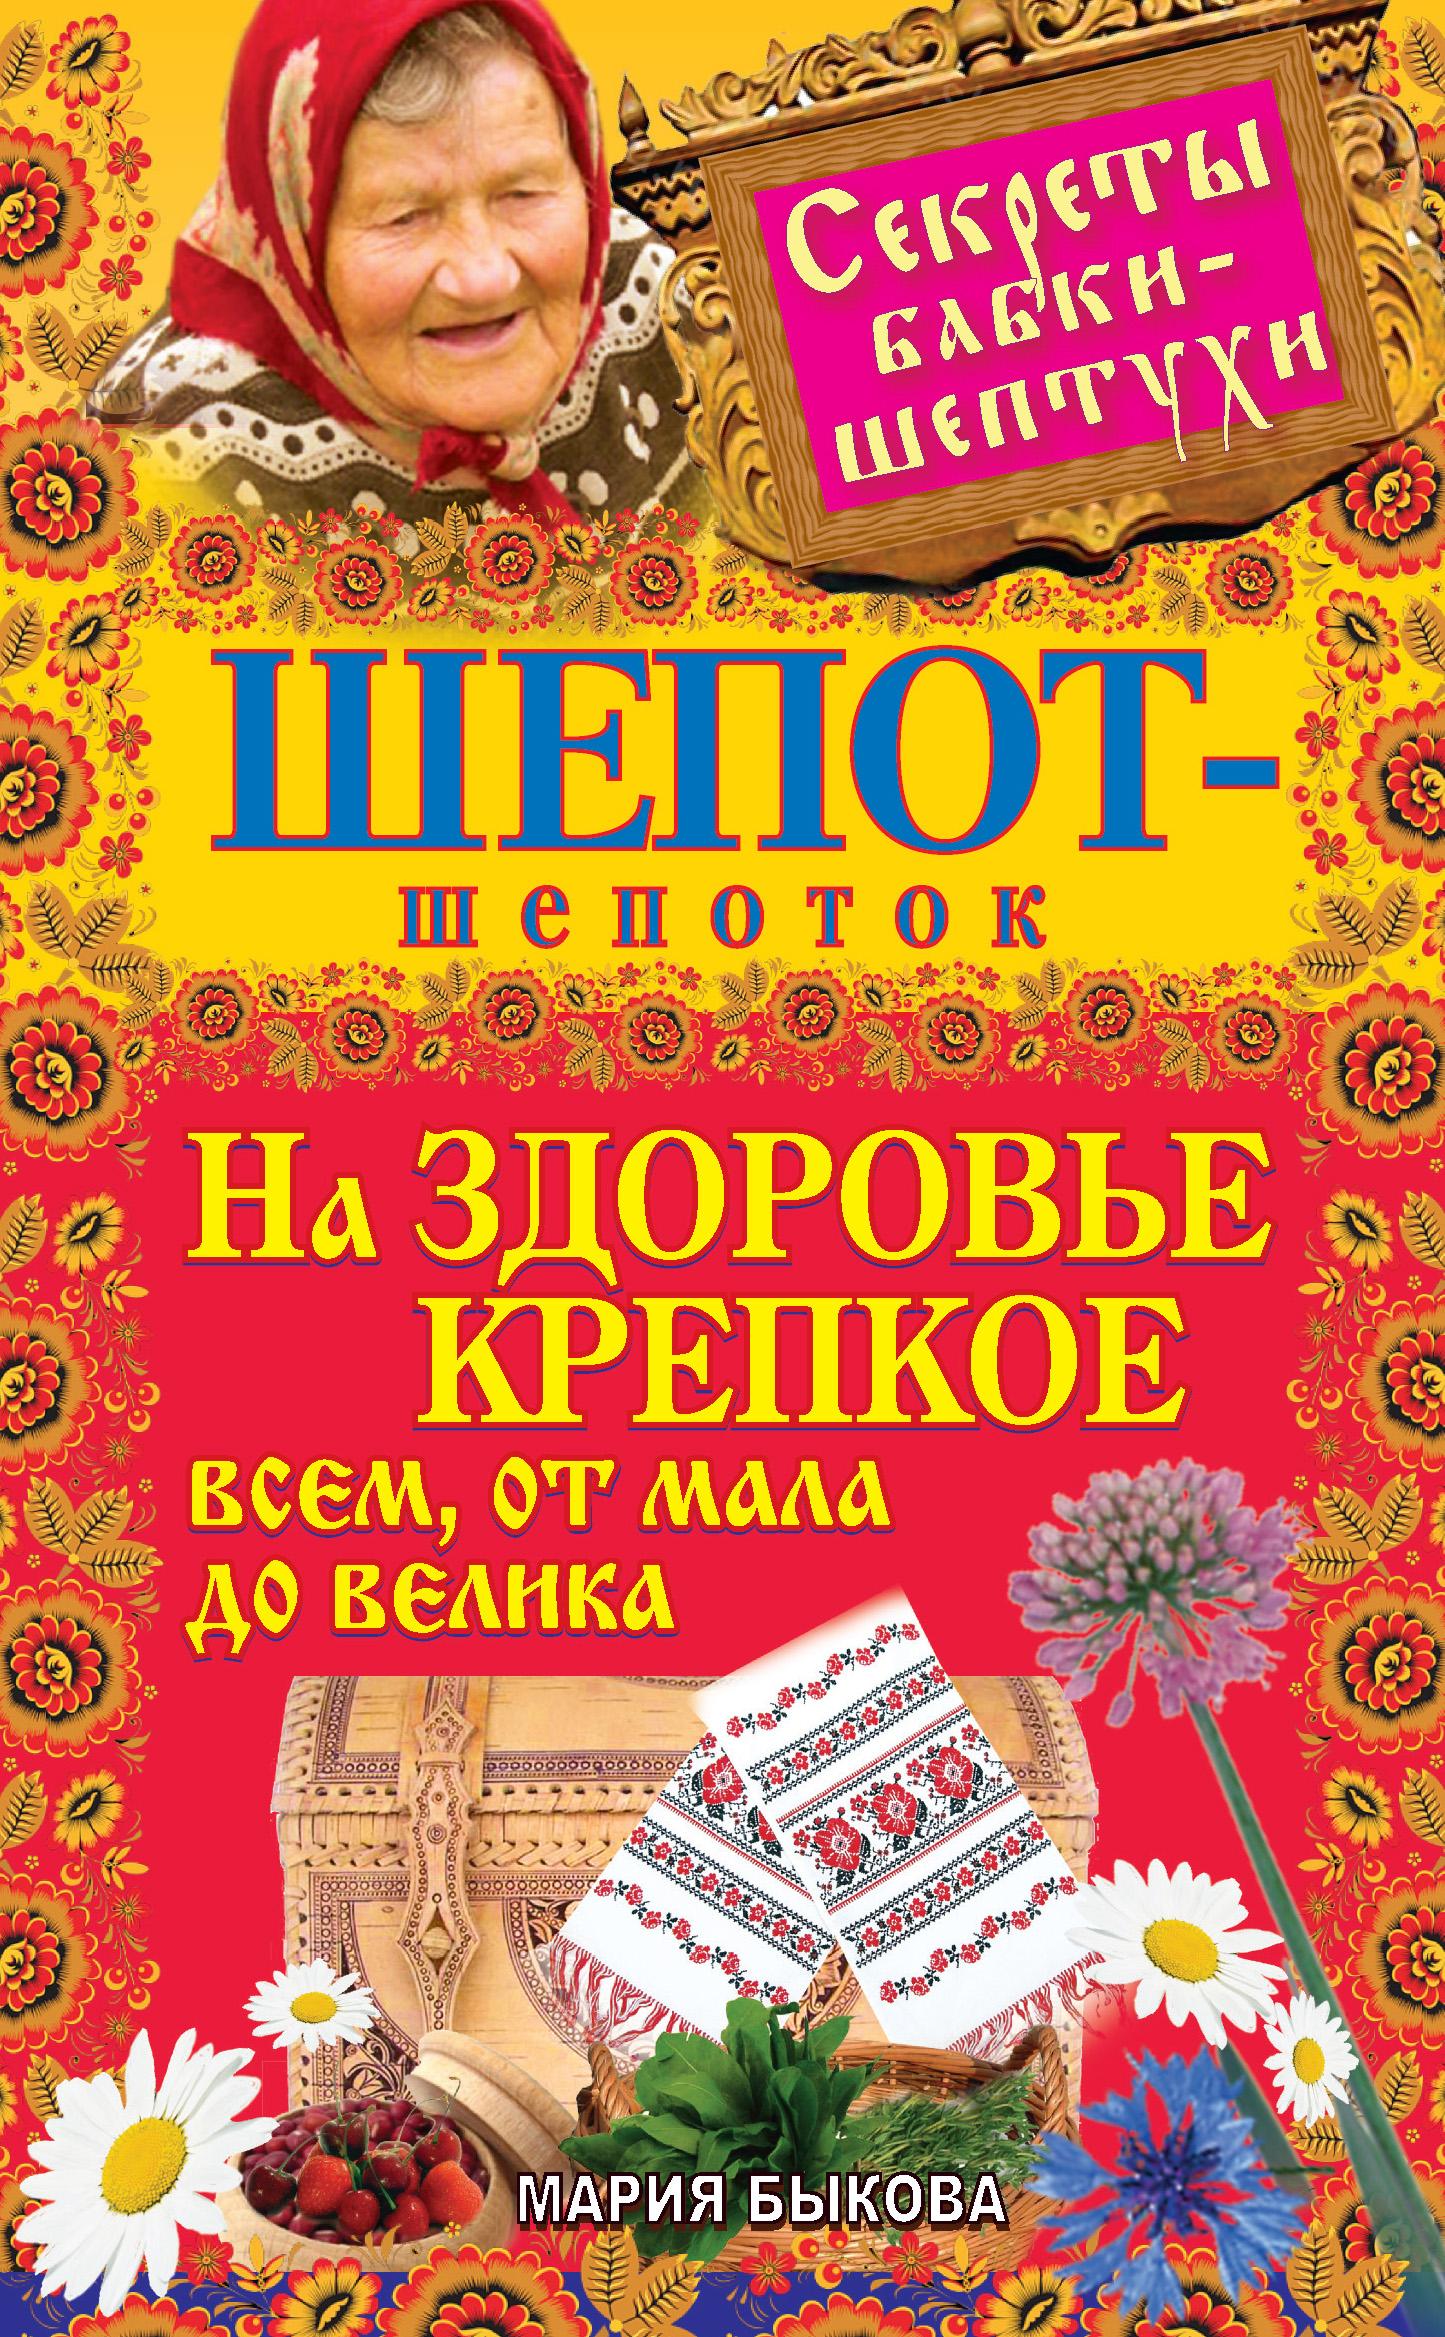 Мария Быкова Шепот-шепоток на здоровье крепкое всем, от мала до велика ф и гиренок философия наука культура выпуск 4